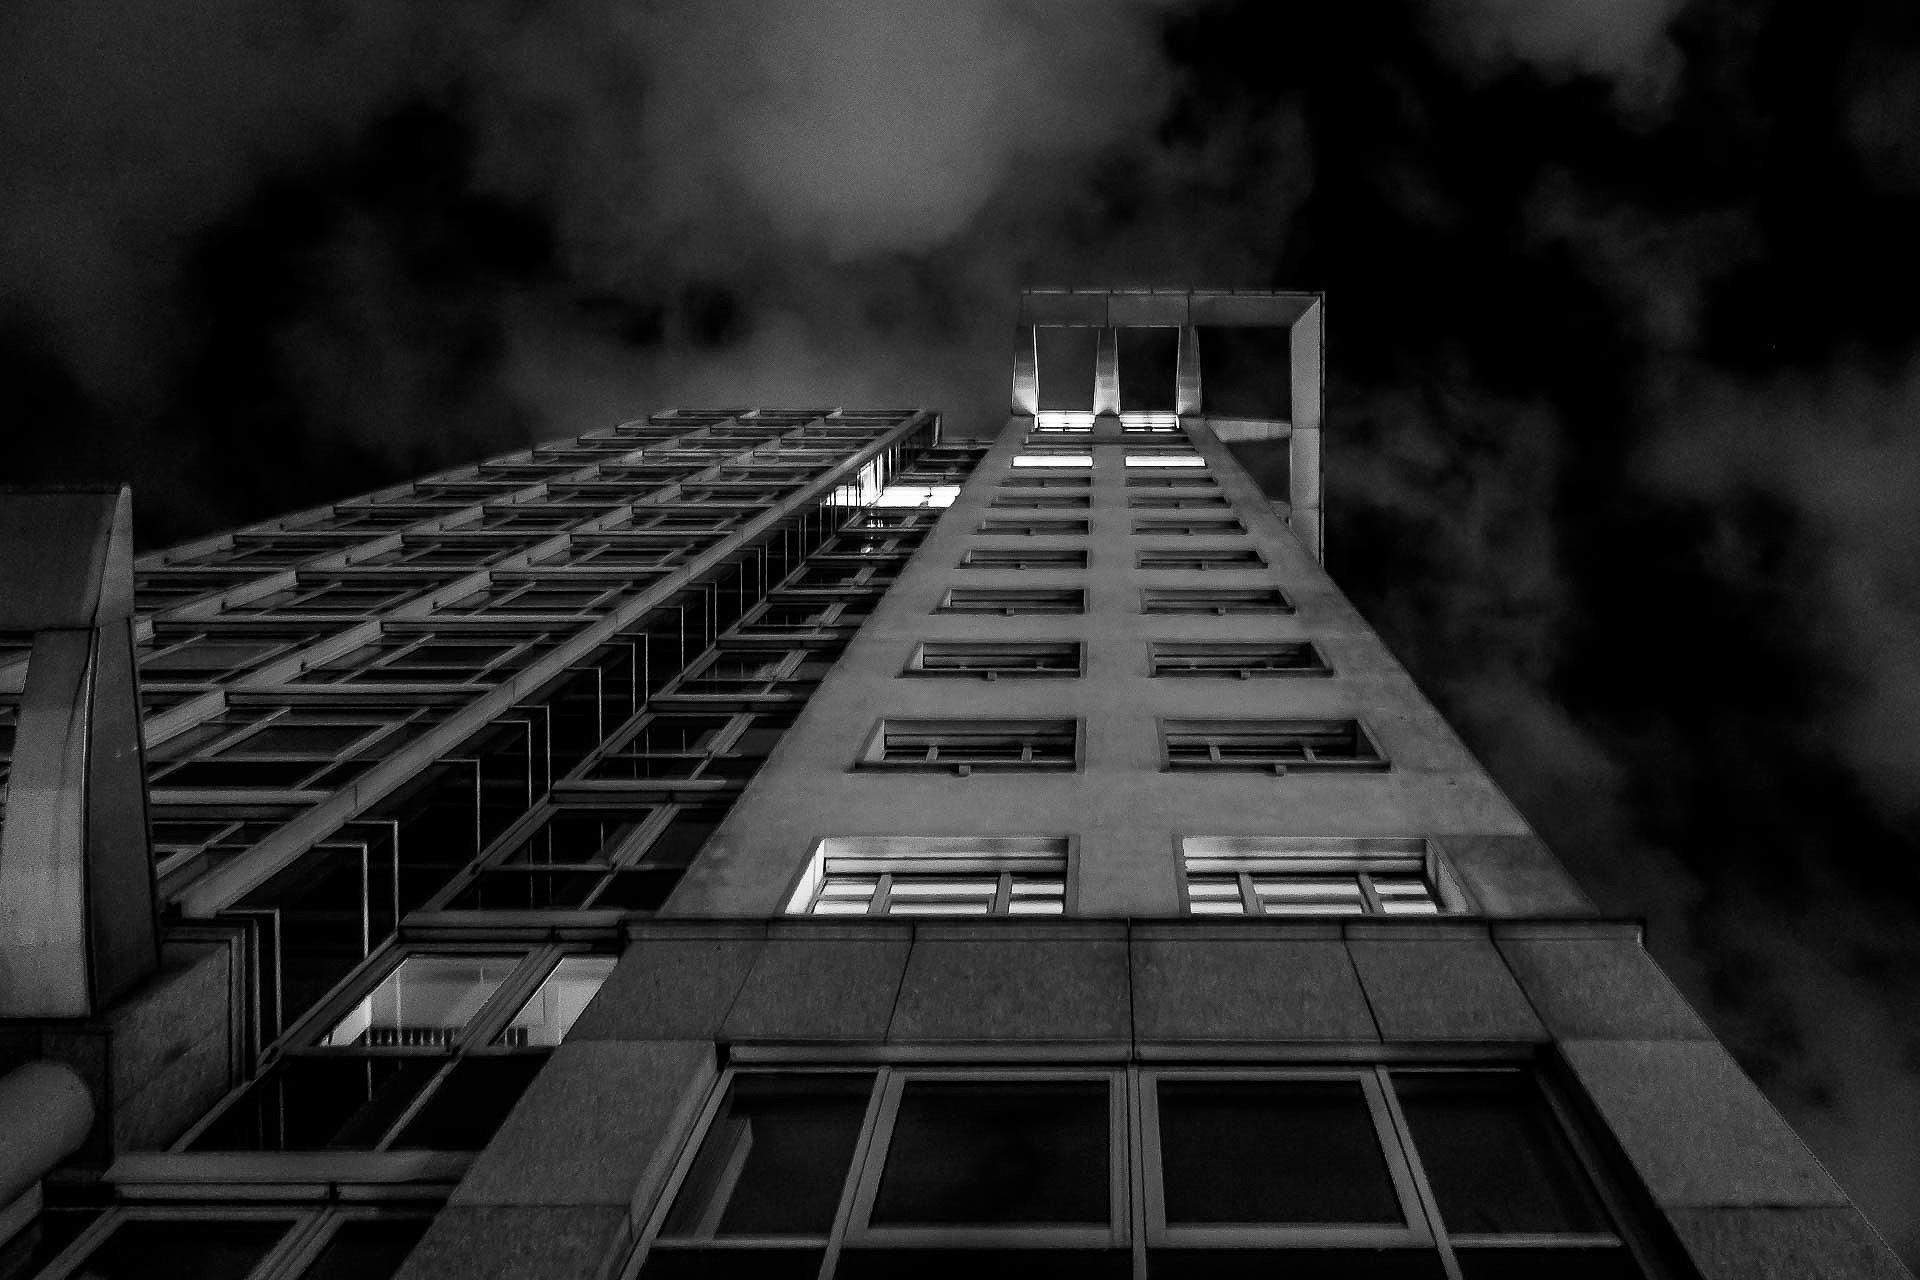 Licht by JeckstadtPhotography